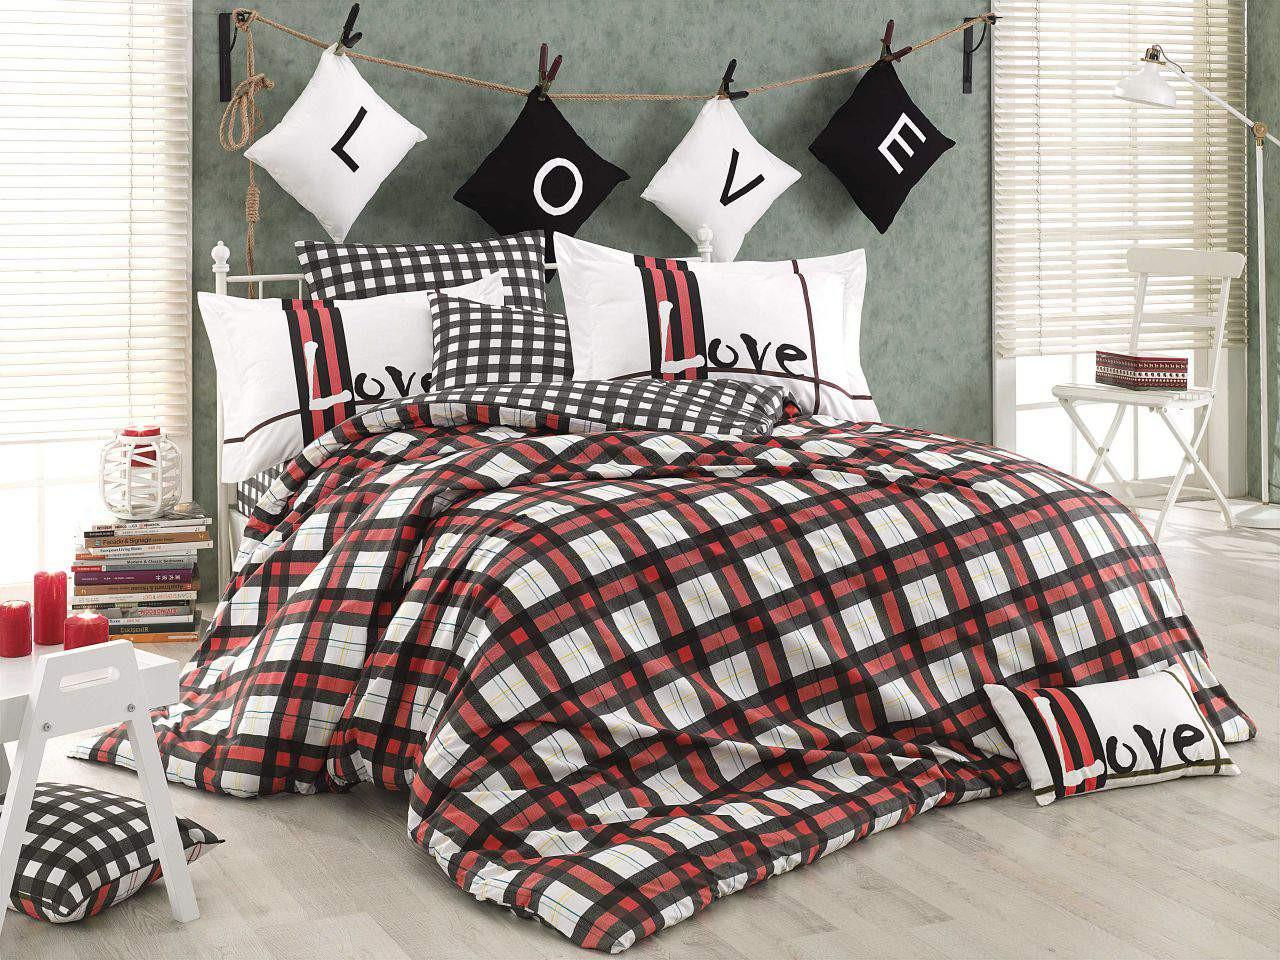 Подростковый постельный комплект Love Code (Red), Hobby